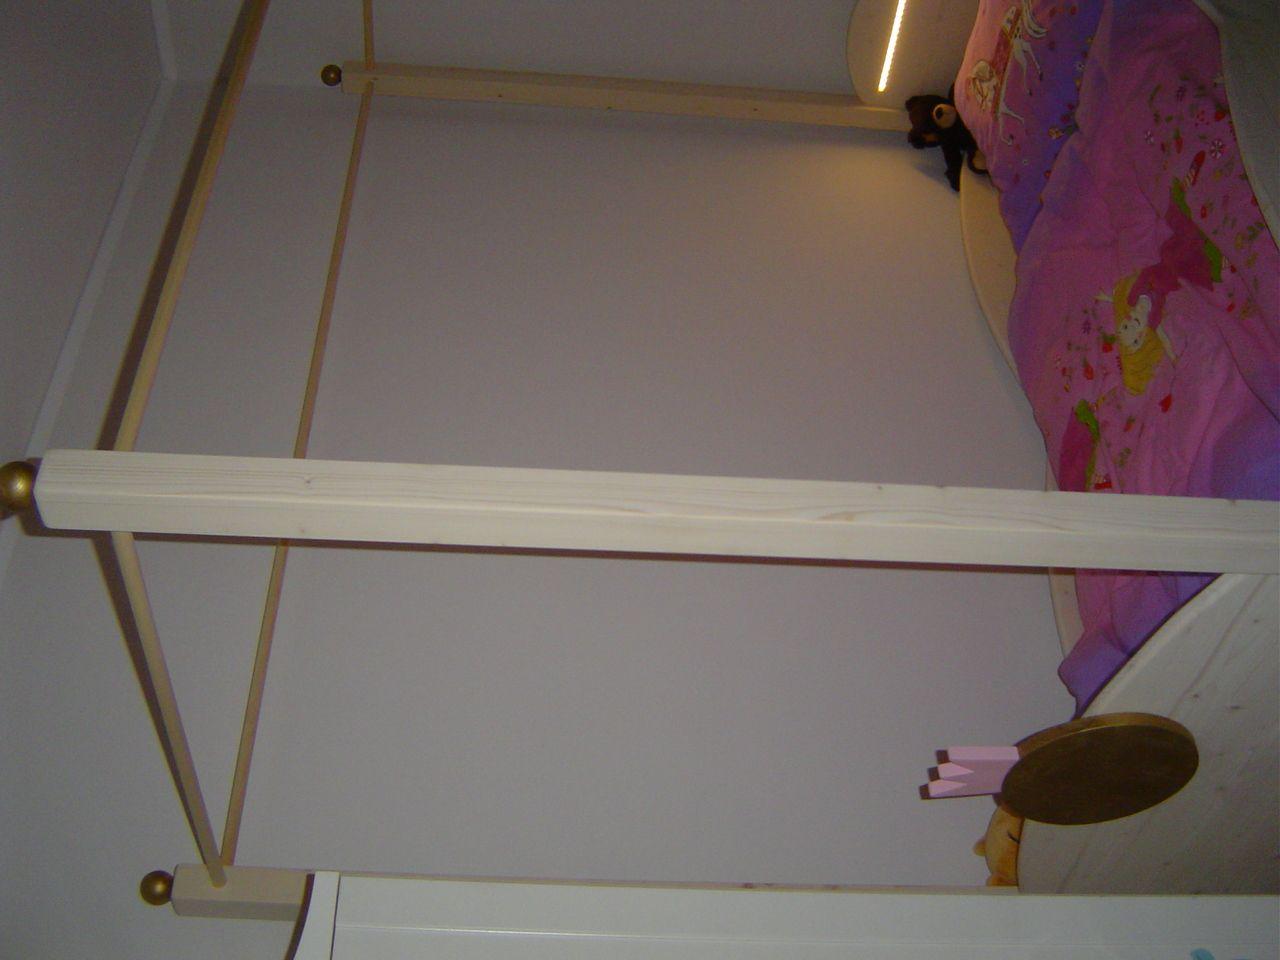 ein himmelbett f r kinder mit lichtleiste goldener kugel am fu teil dies ist das gewinnerbett. Black Bedroom Furniture Sets. Home Design Ideas